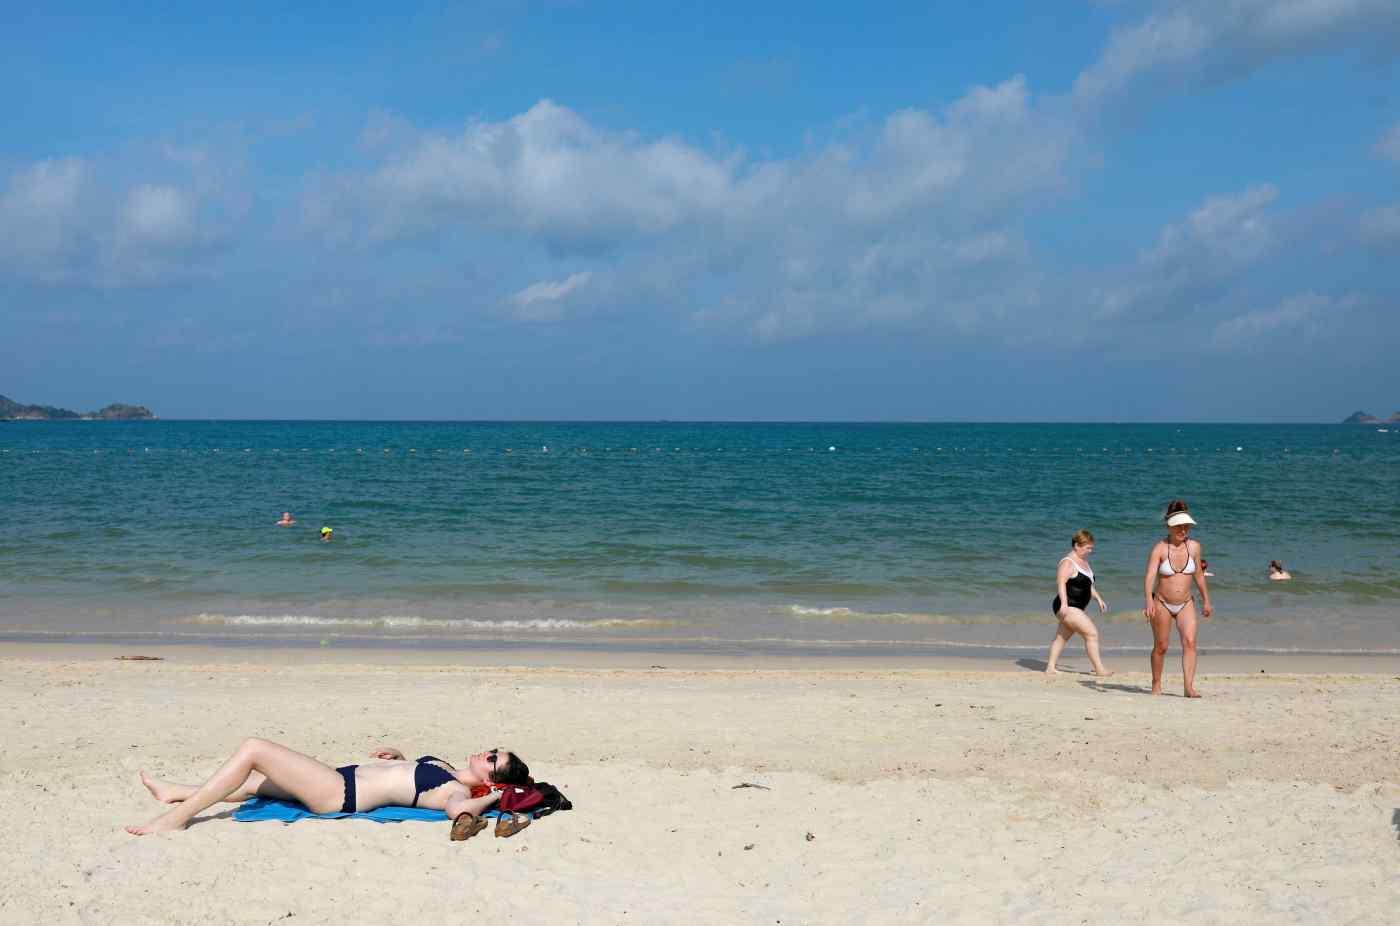 7 hãng hàng không quốc tế sẽ đưa khách du lịch đến Phuket – Thái Lan từ tháng sau